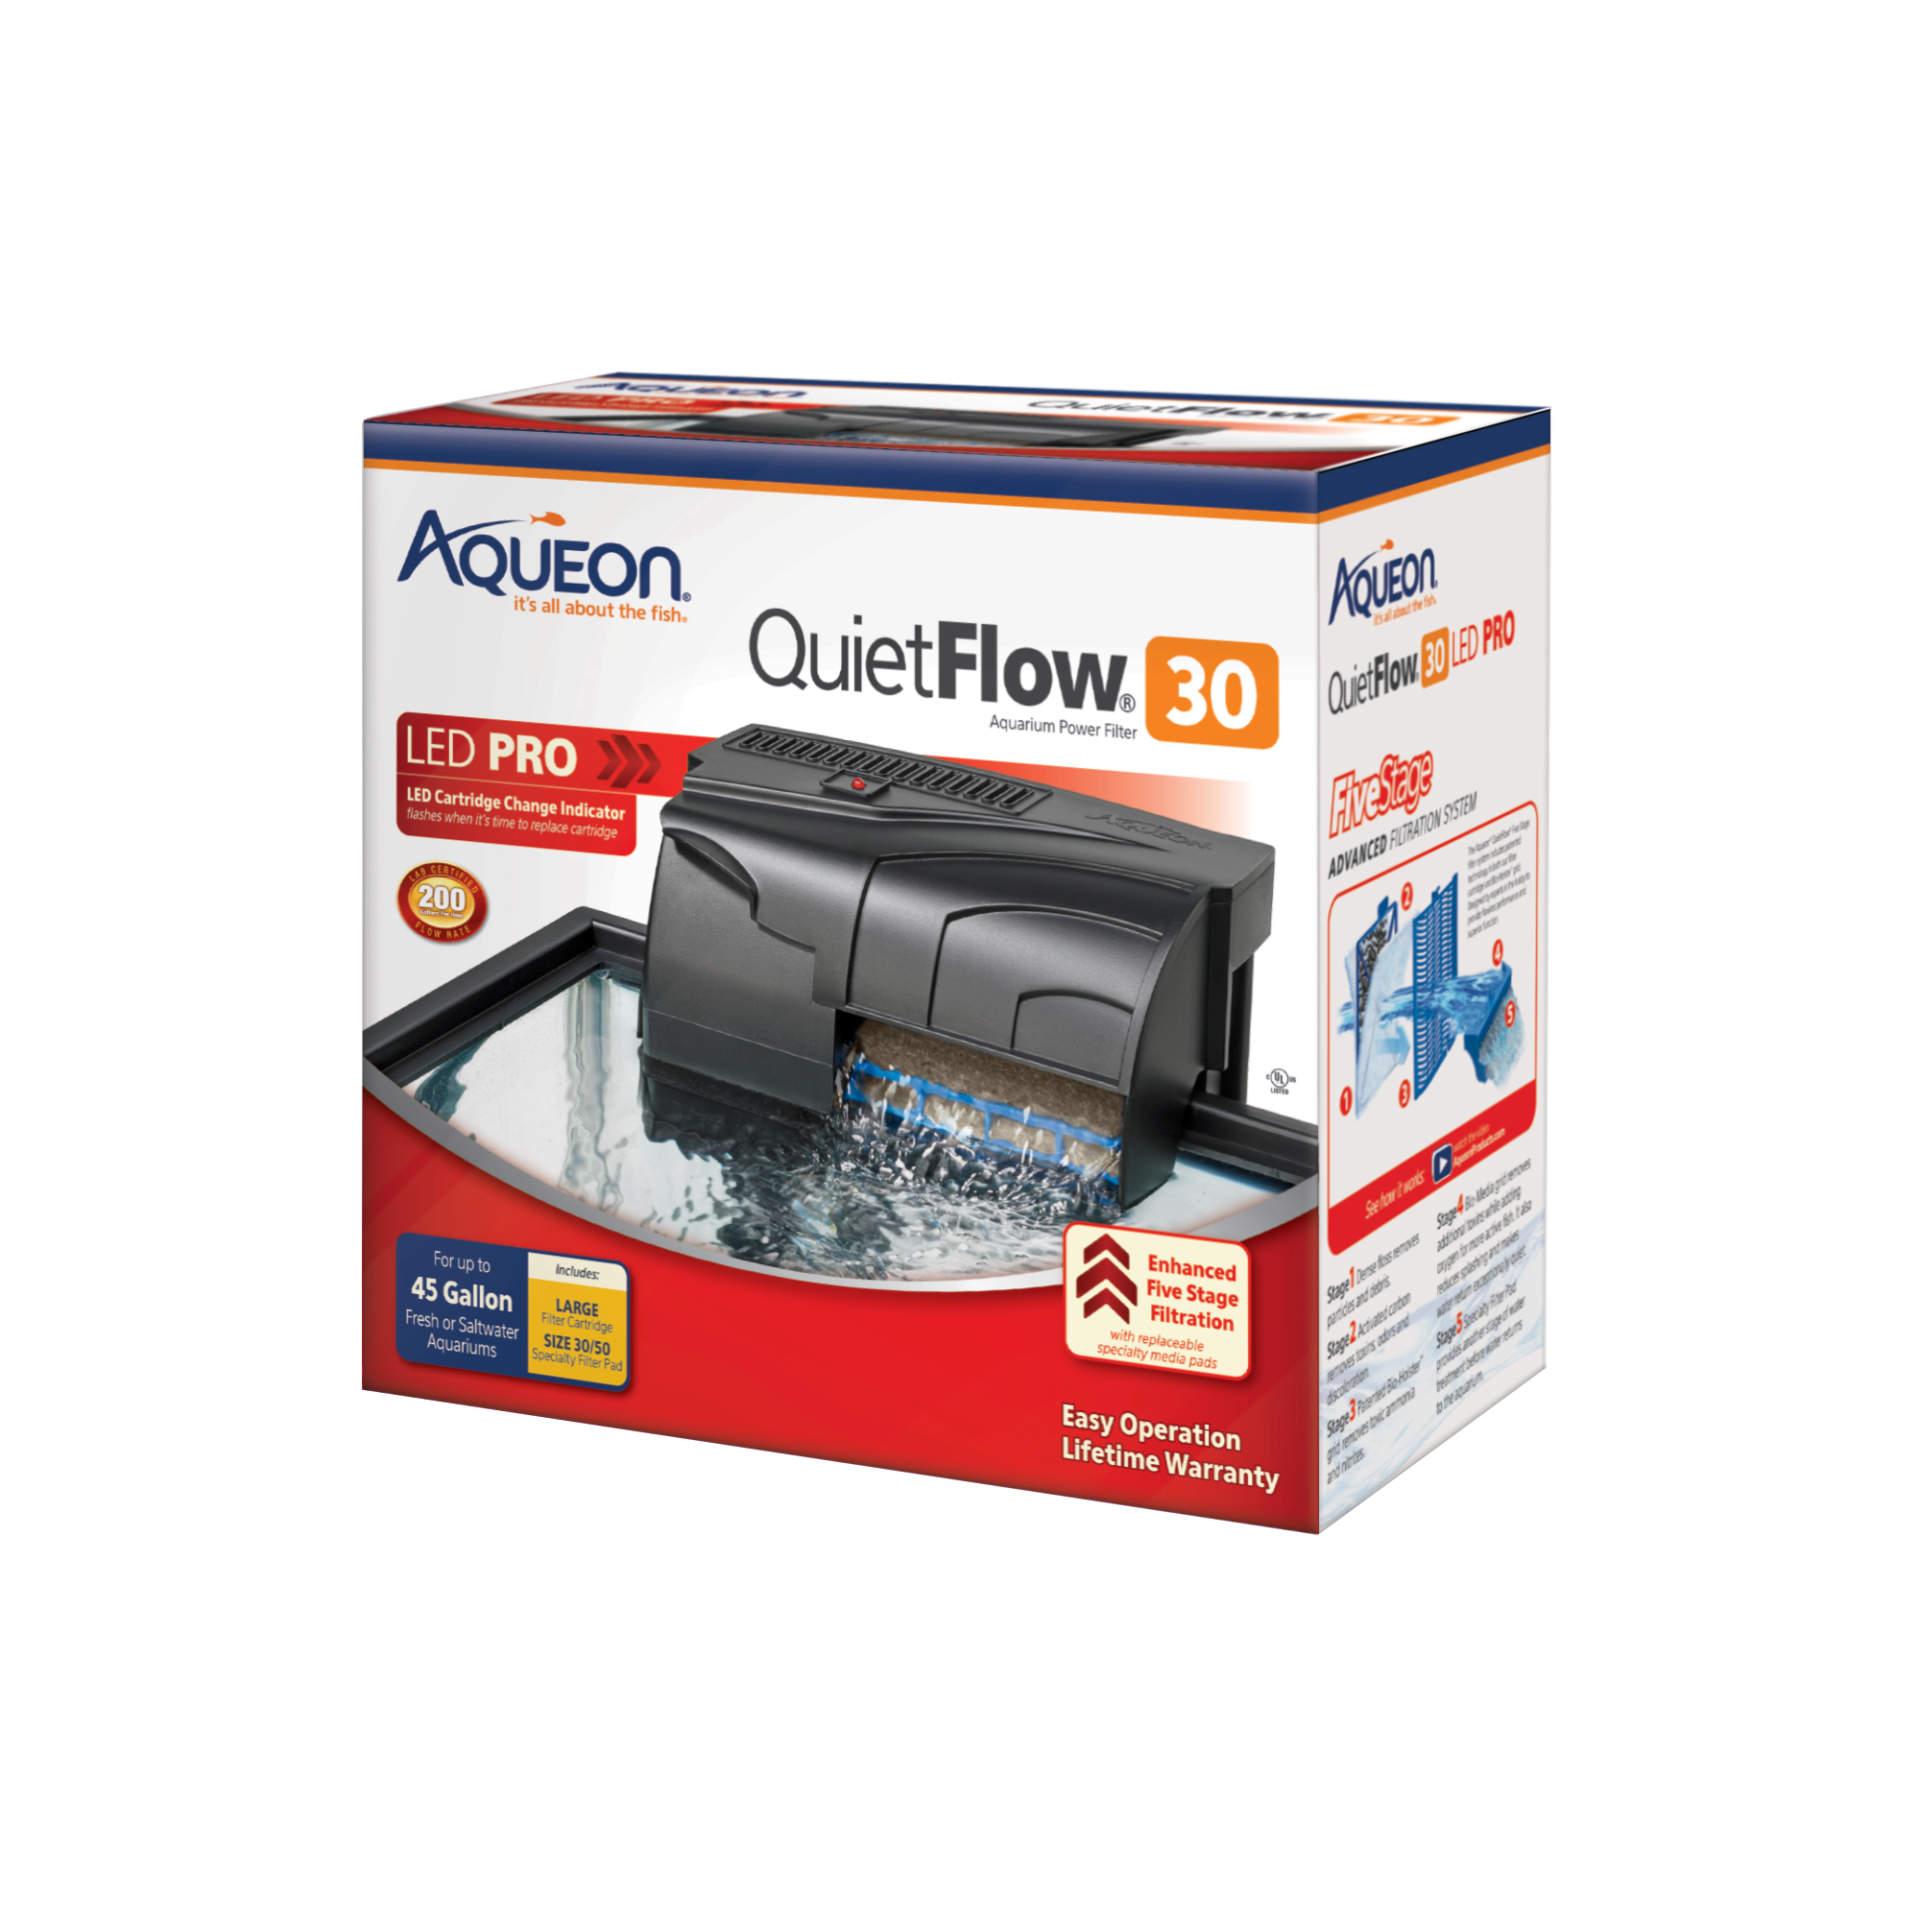 Aqueon QuietFlow LED 30 Filter